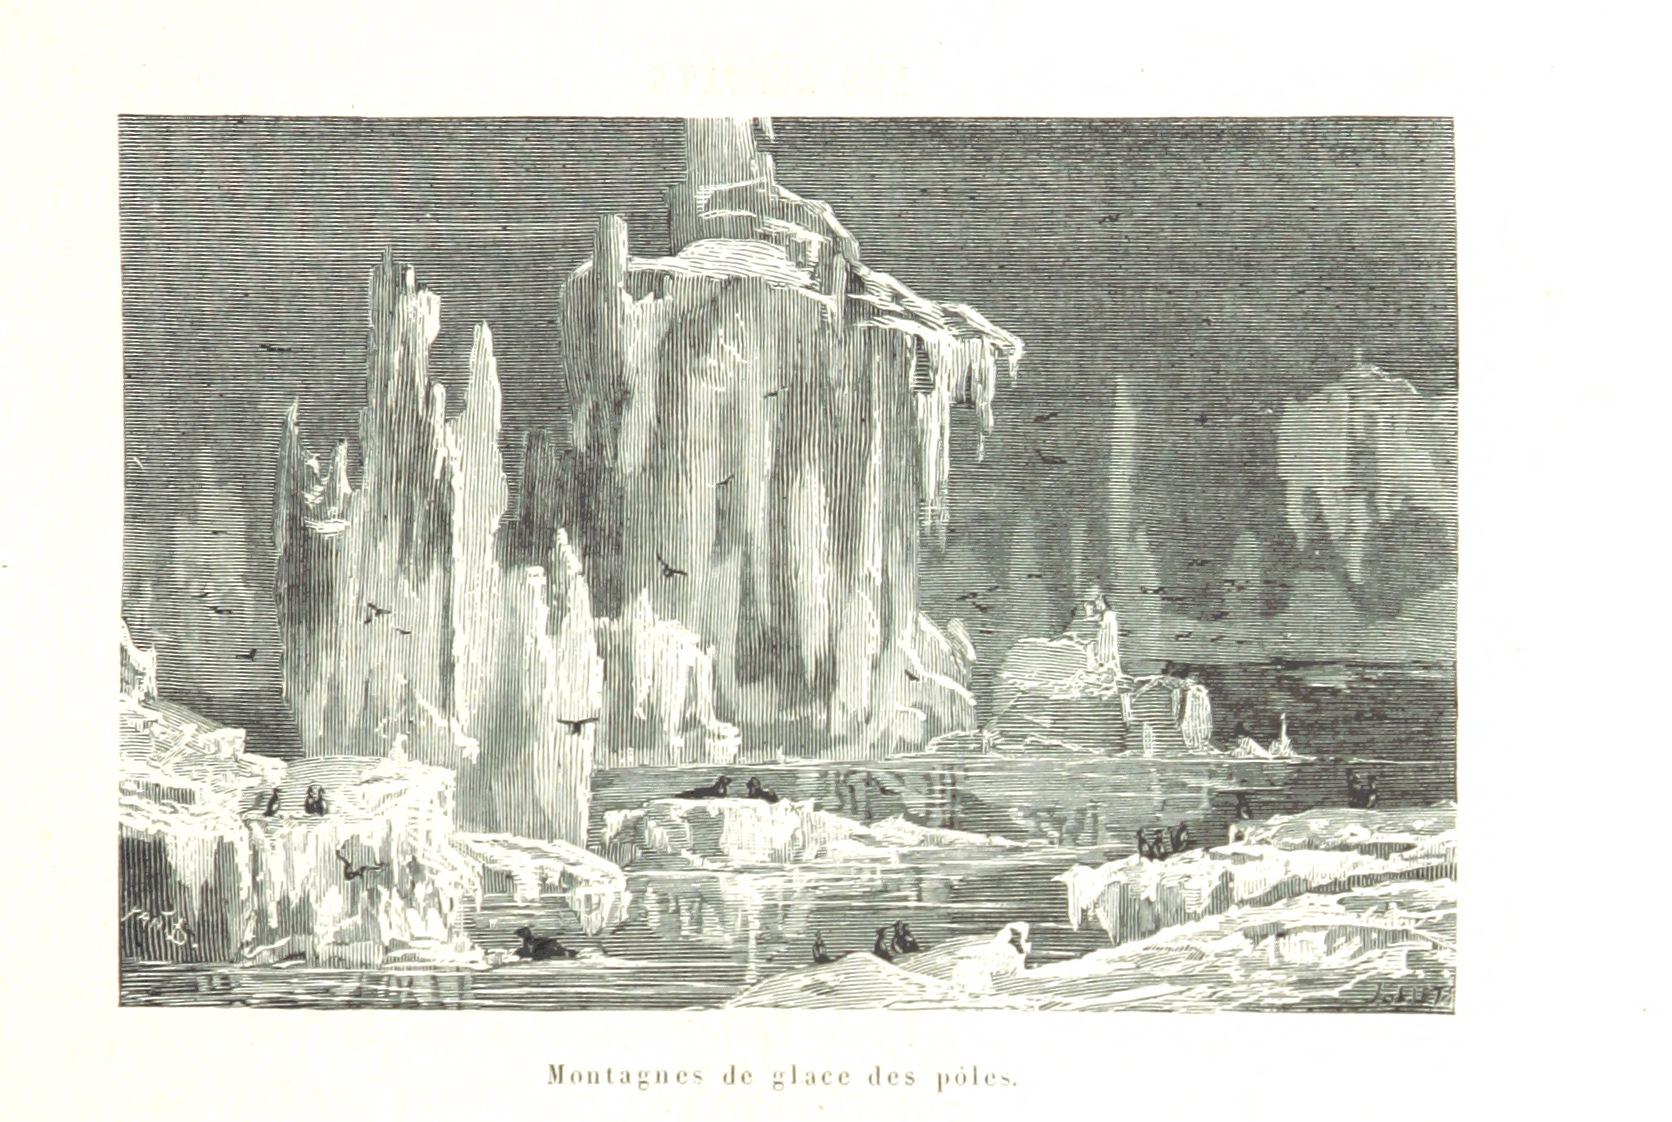 Fileimage Taken From Page 121 Of Lespace Céleste Et La